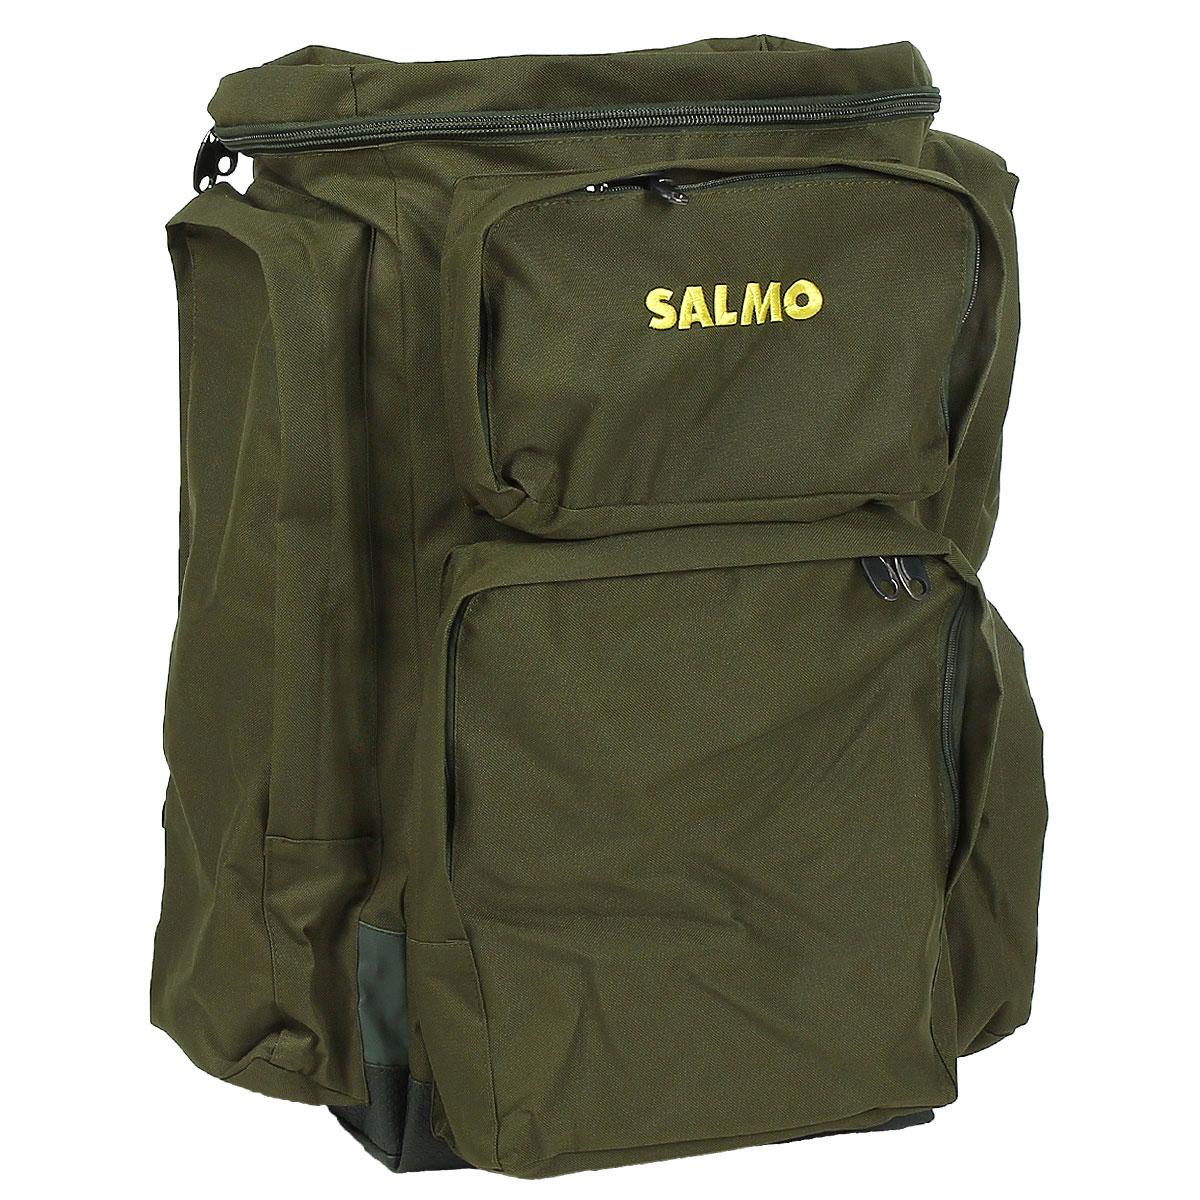 Рюкзак рыболовный Salmo 105 л, цвет: зеленый800802Рюкзак Salmo специально создан для рыболовного туризма. Он имеет отделение для вещей на 105 литров, жесткую спинку, мягкие удобные регулируемые лямки и усиленное дно с опорами.